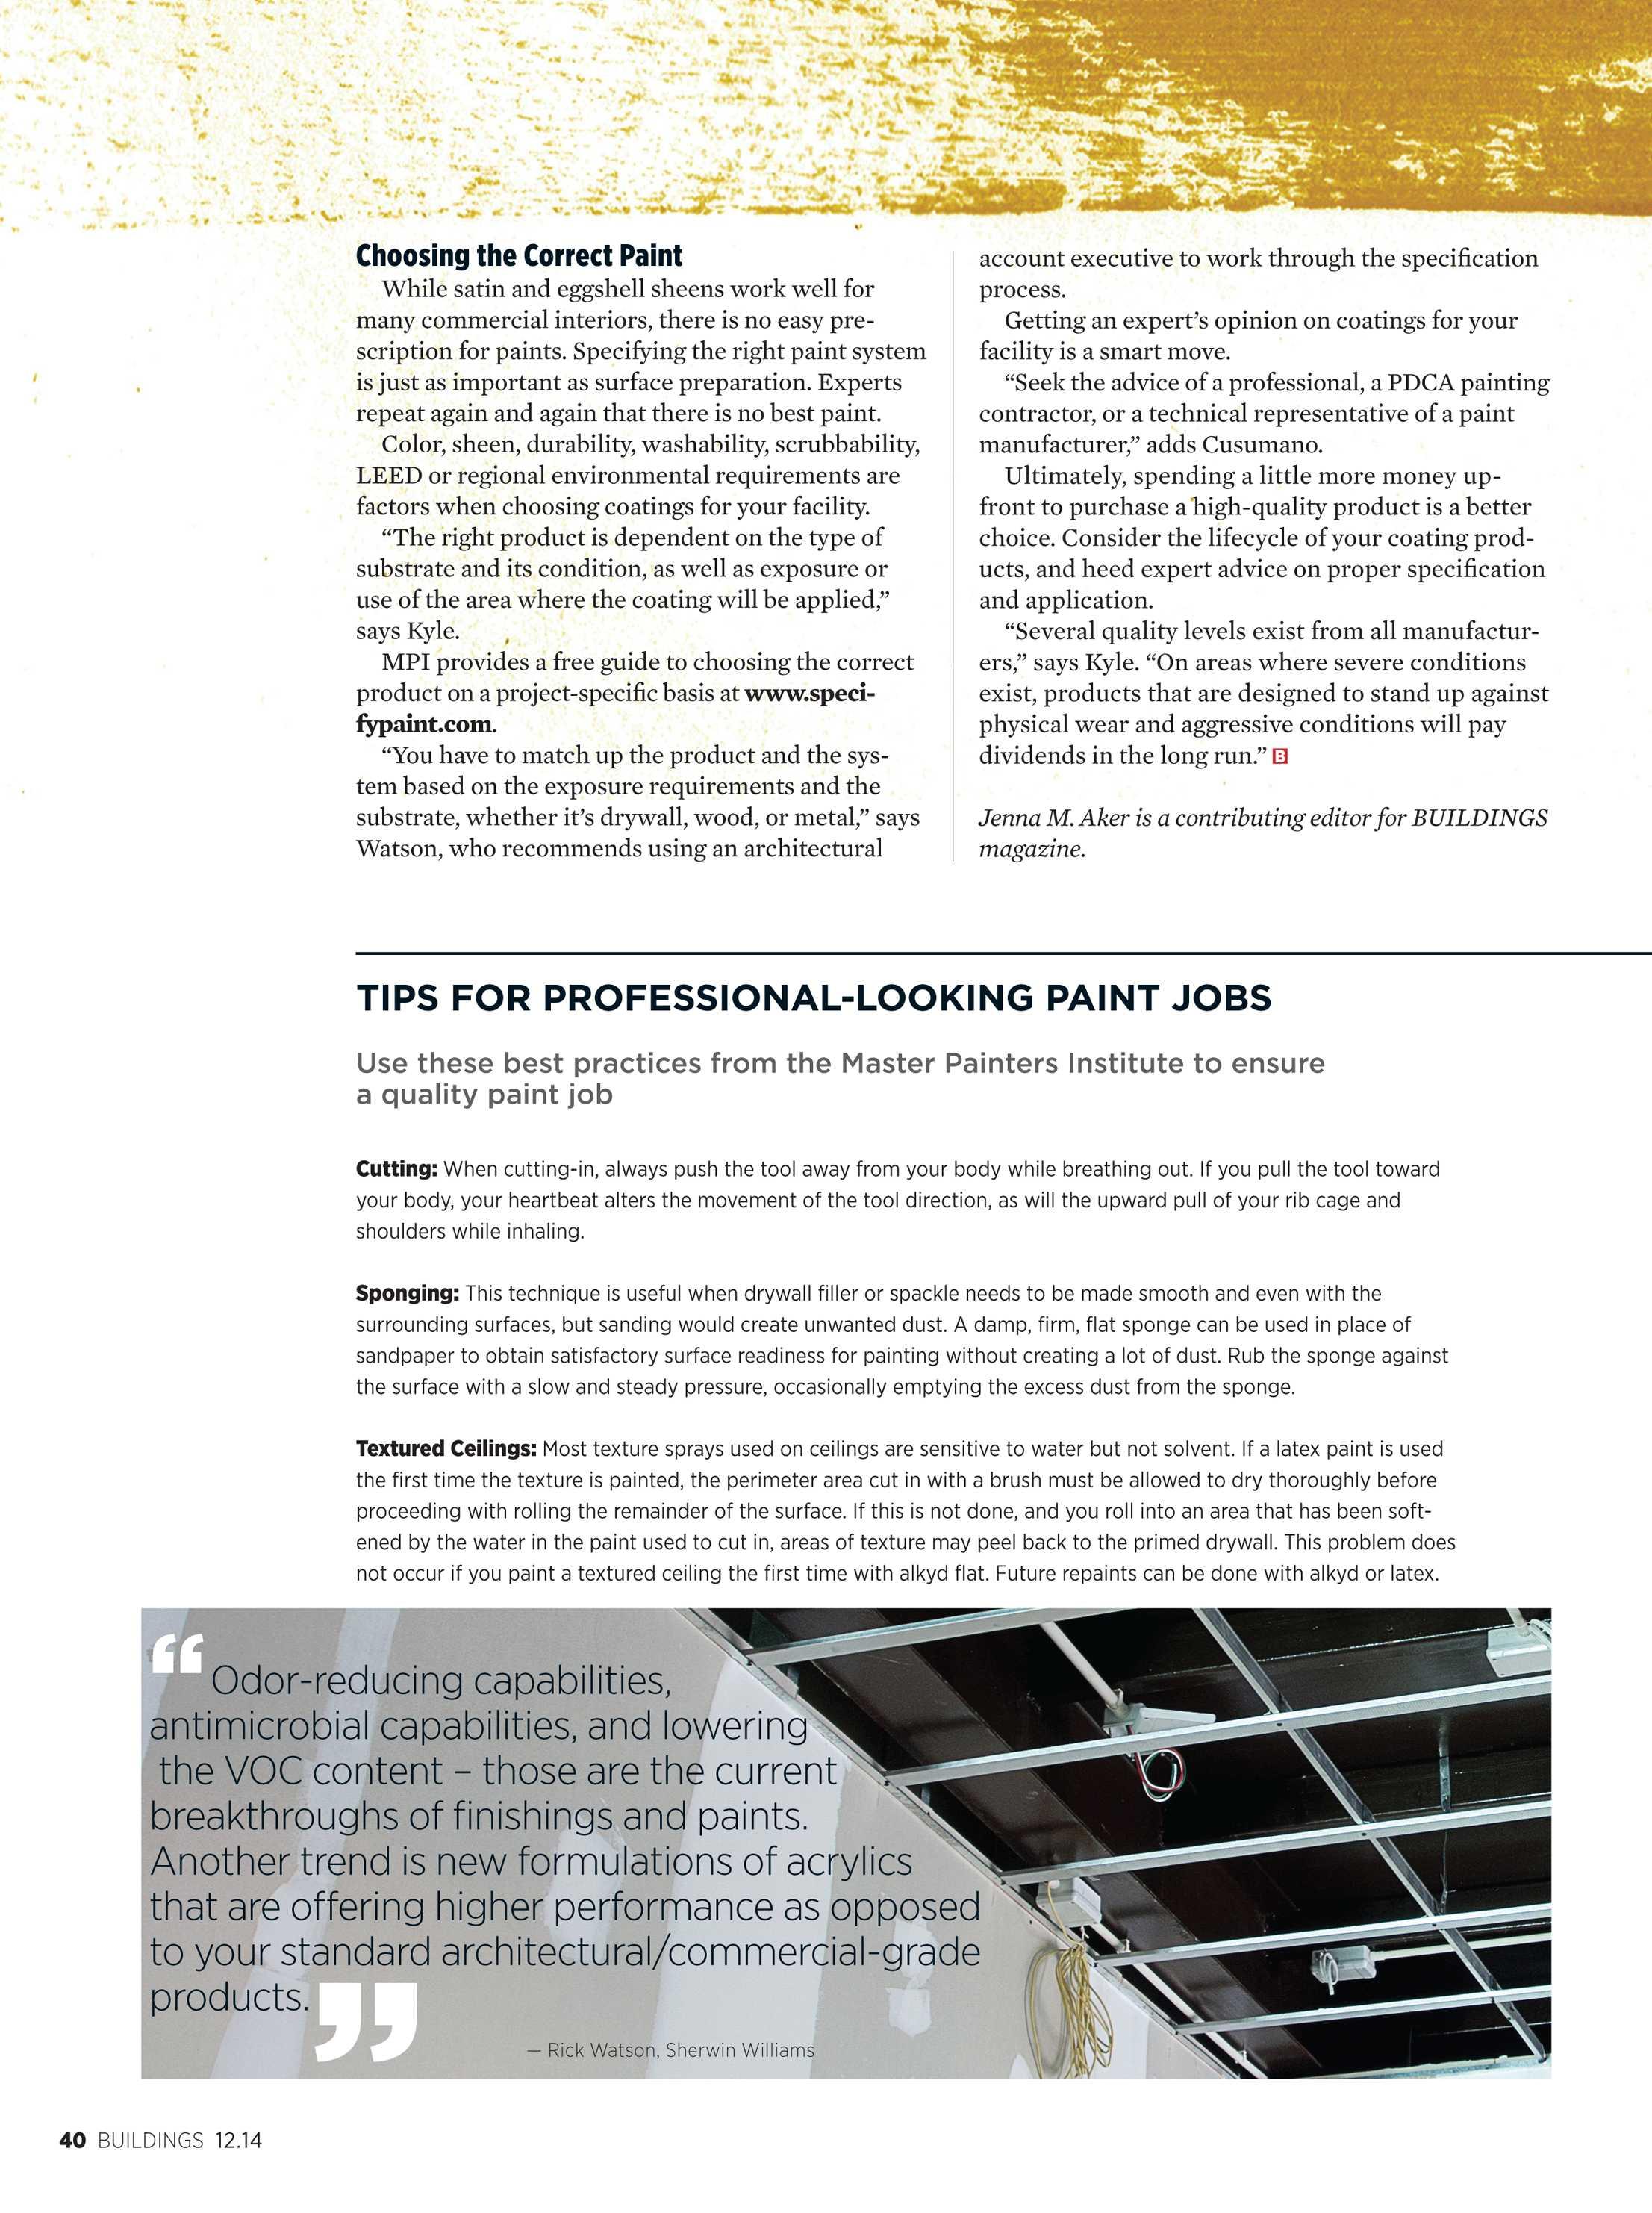 Drywall Dust Inhalation